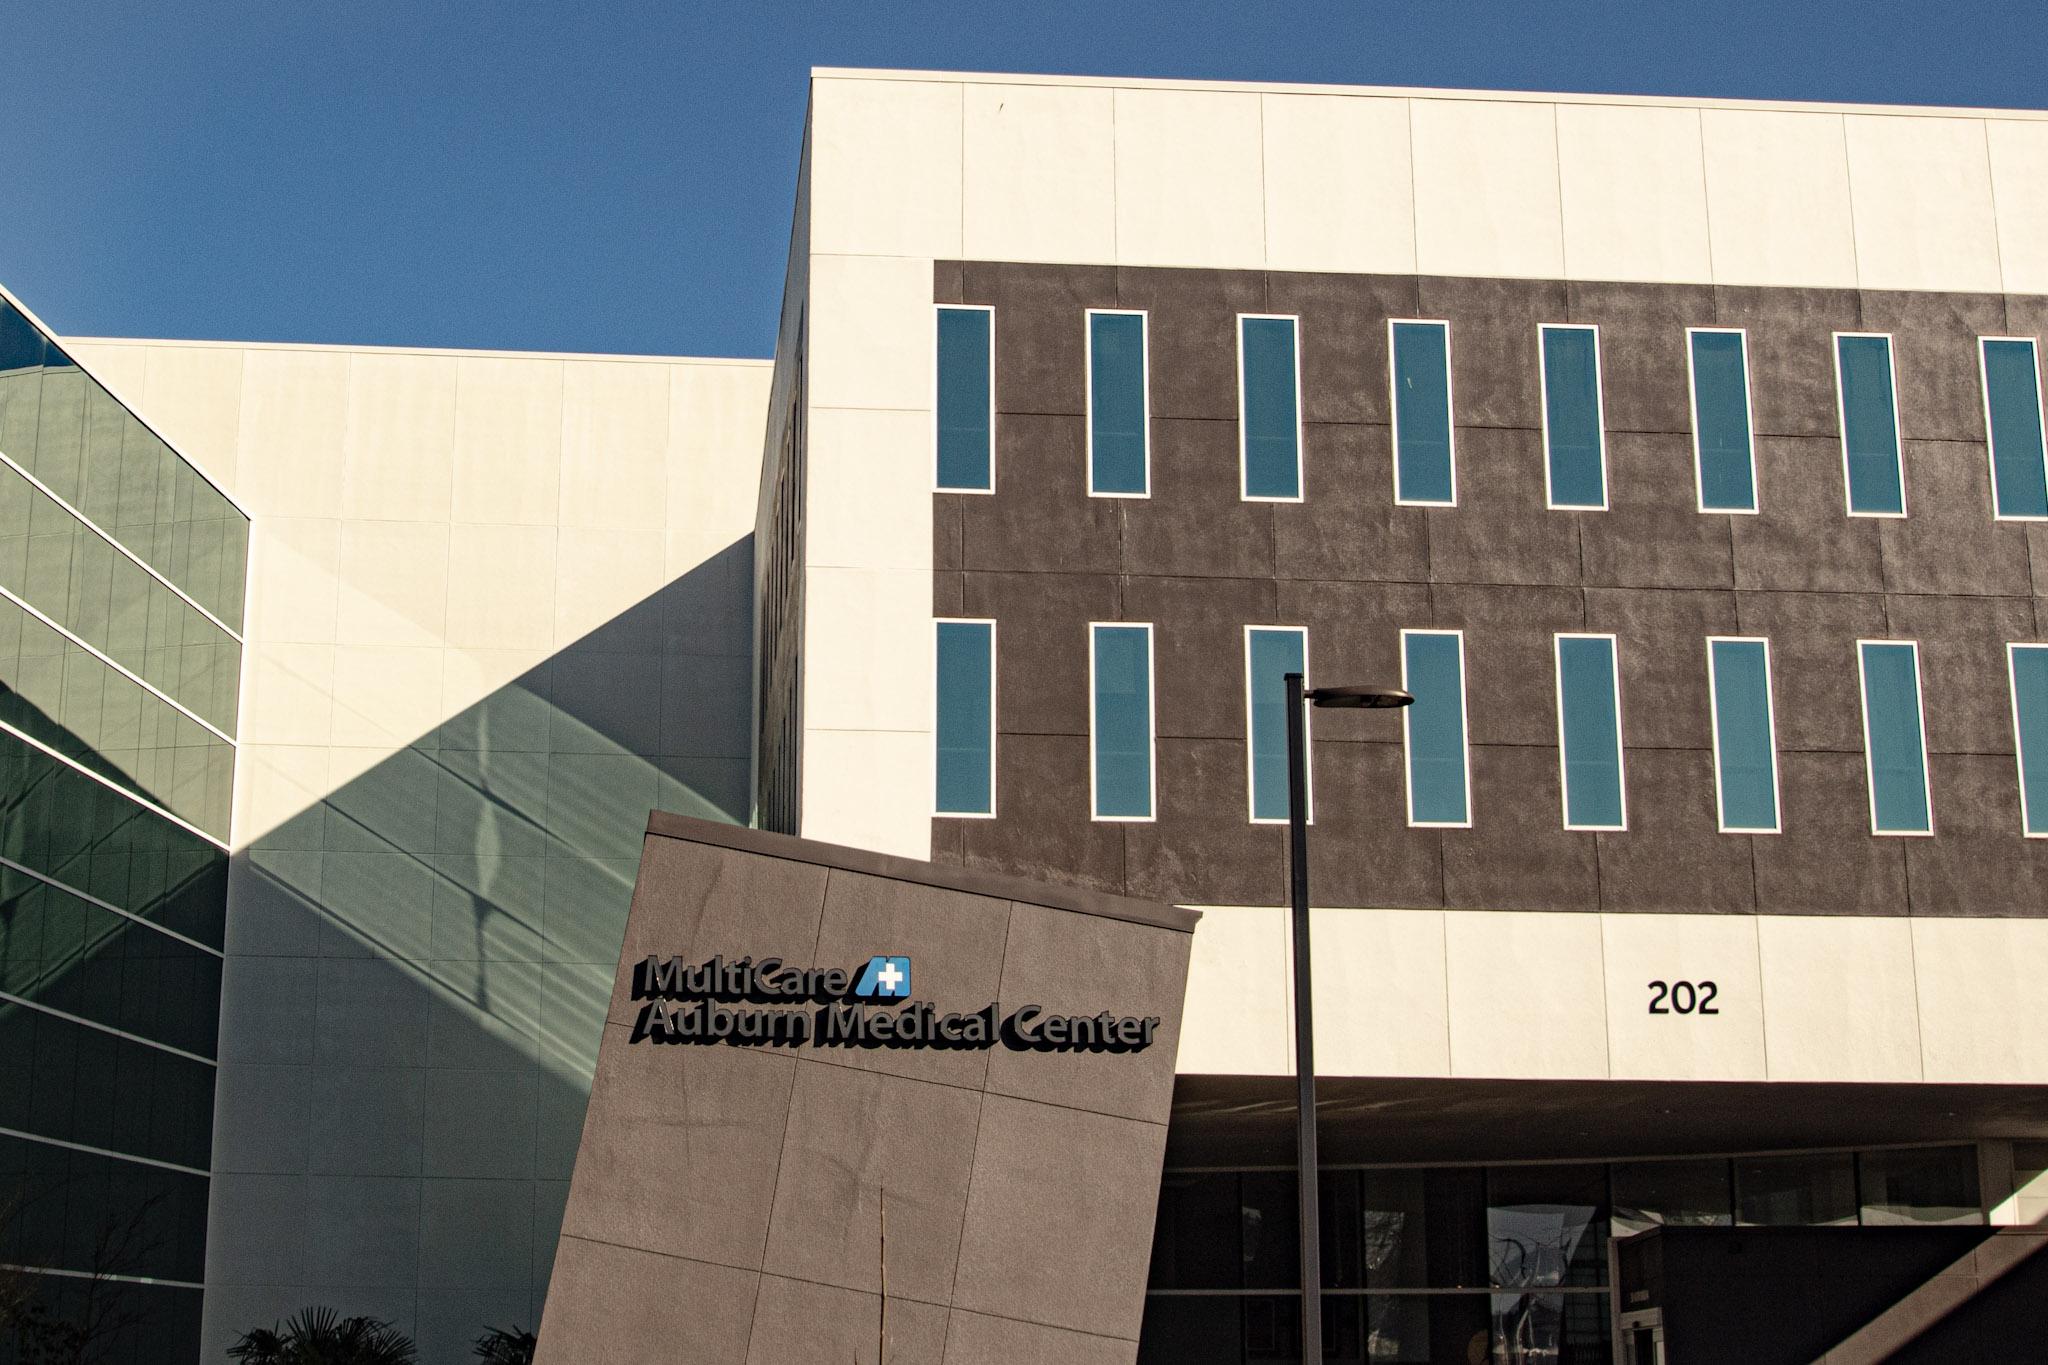 The back side of Multicare Auburn Medical Center in Auburn Washington